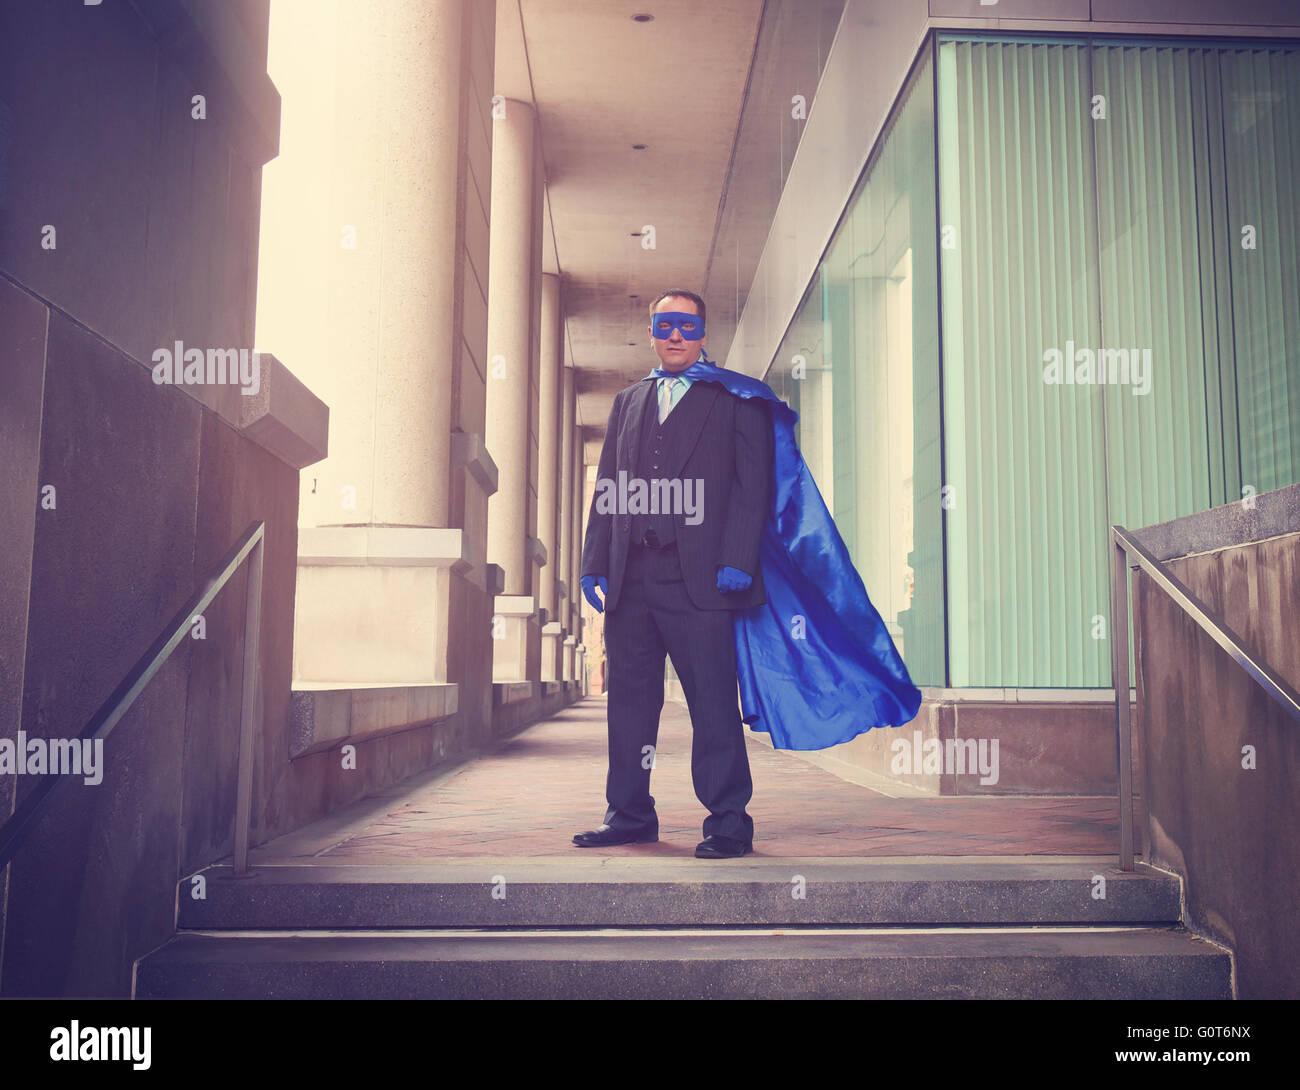 Ein Business-Mann trägt eine blauen Superhelden-Kostüm mit einem Anzug in einer Stadt für eine Karriere Stockbild